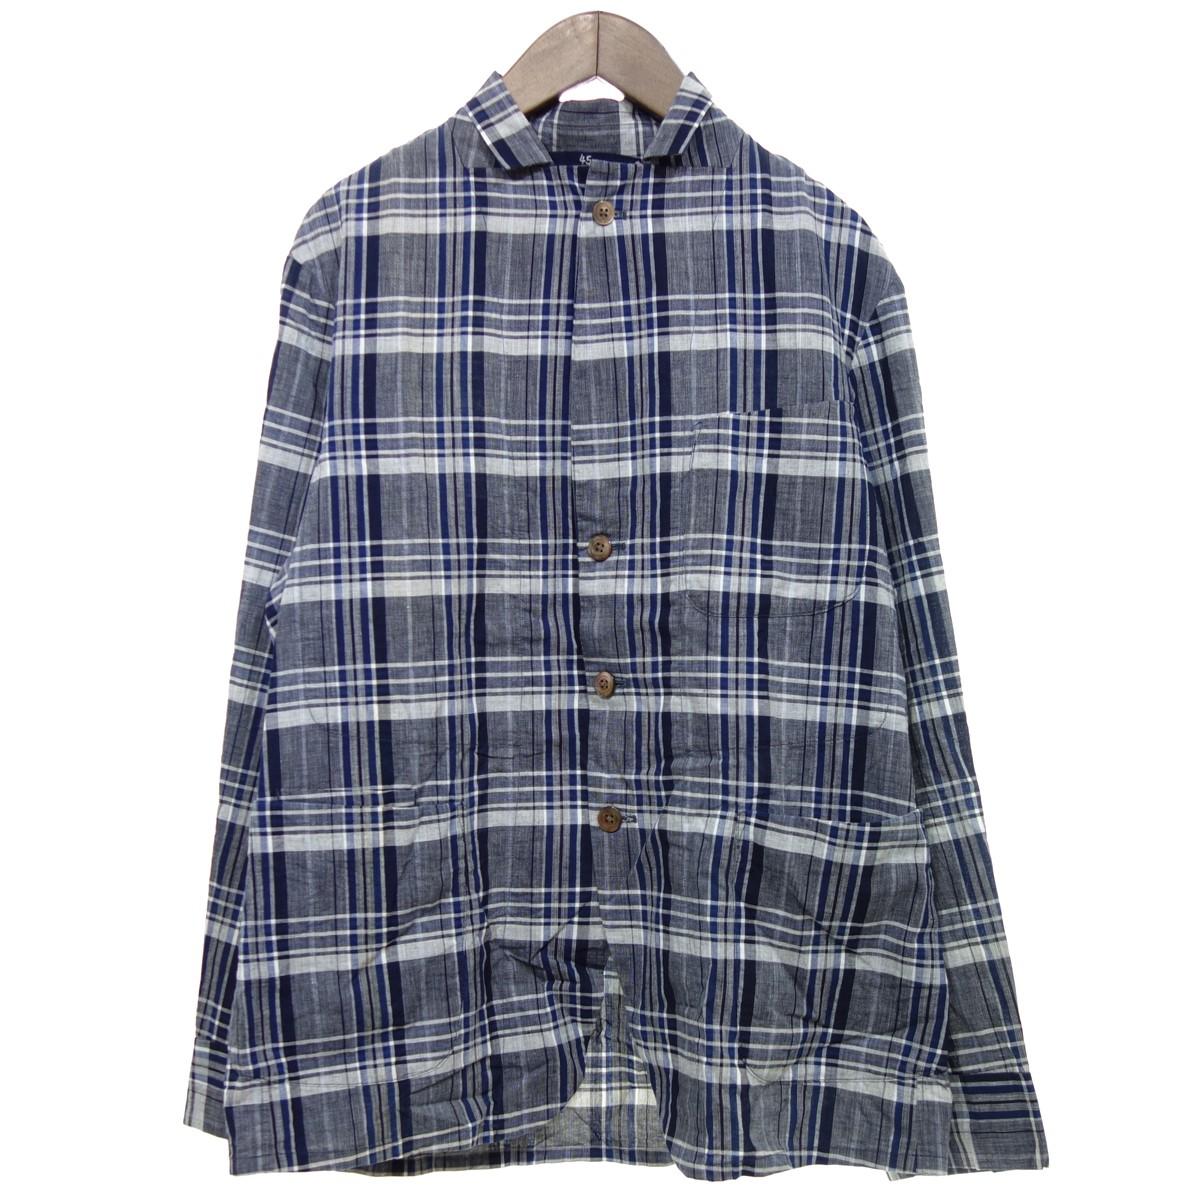 【中古】45rpm 6ポケットシャツジャケット ネイビー サイズ:3 【020420】(フォーティファイブ・アールピーエム)